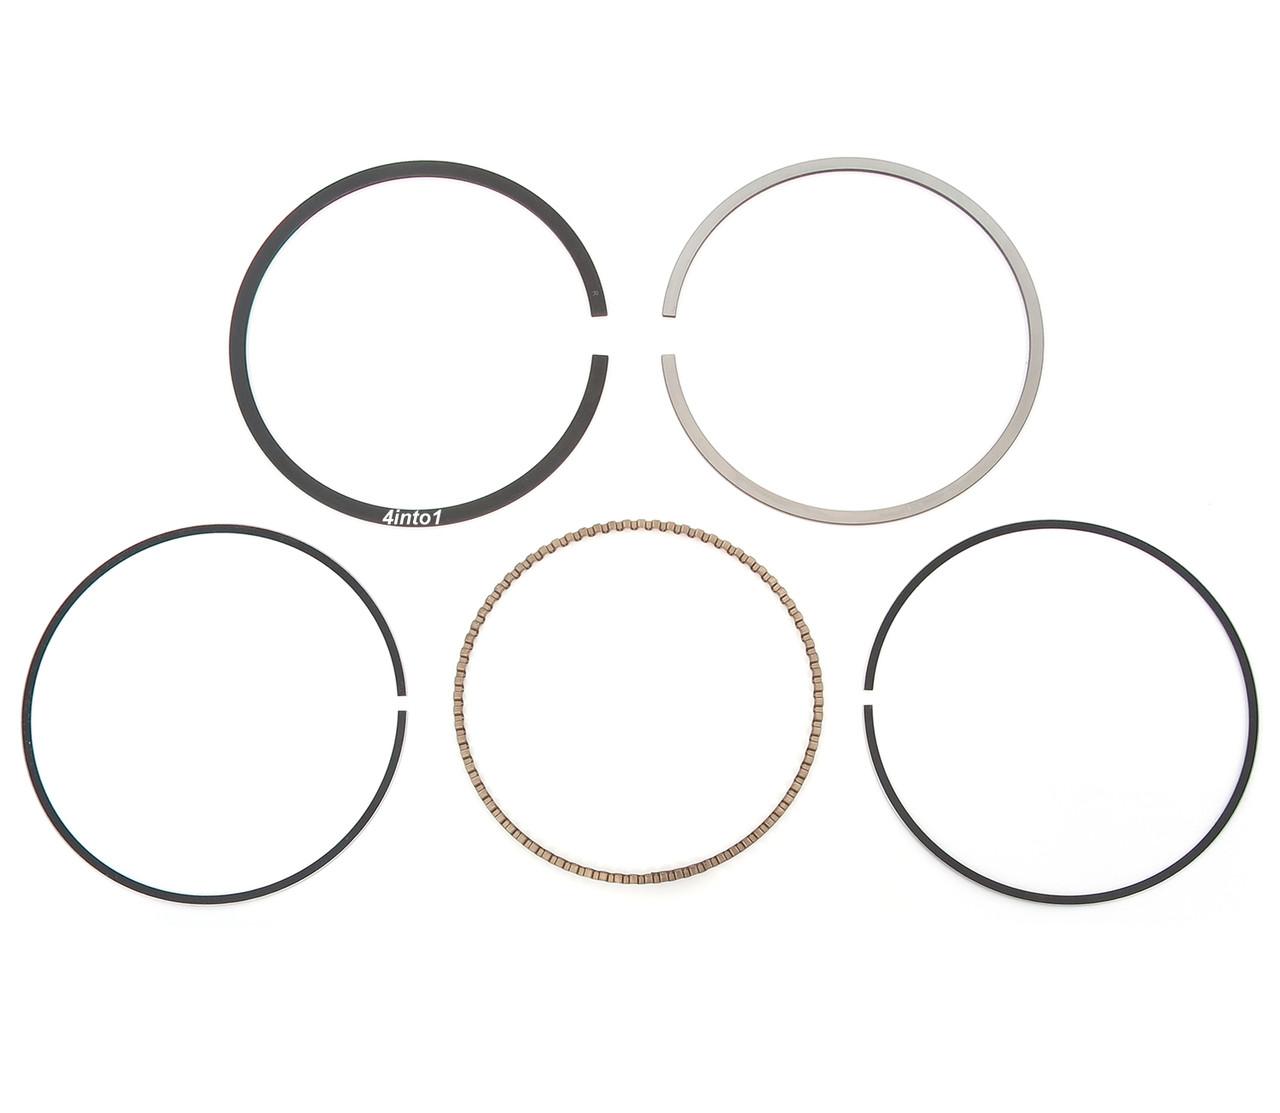 Piston Ring Set - Standard - 13011-MN9-305 - Honda XL600R 83-87 NX650  XR650L 93-96